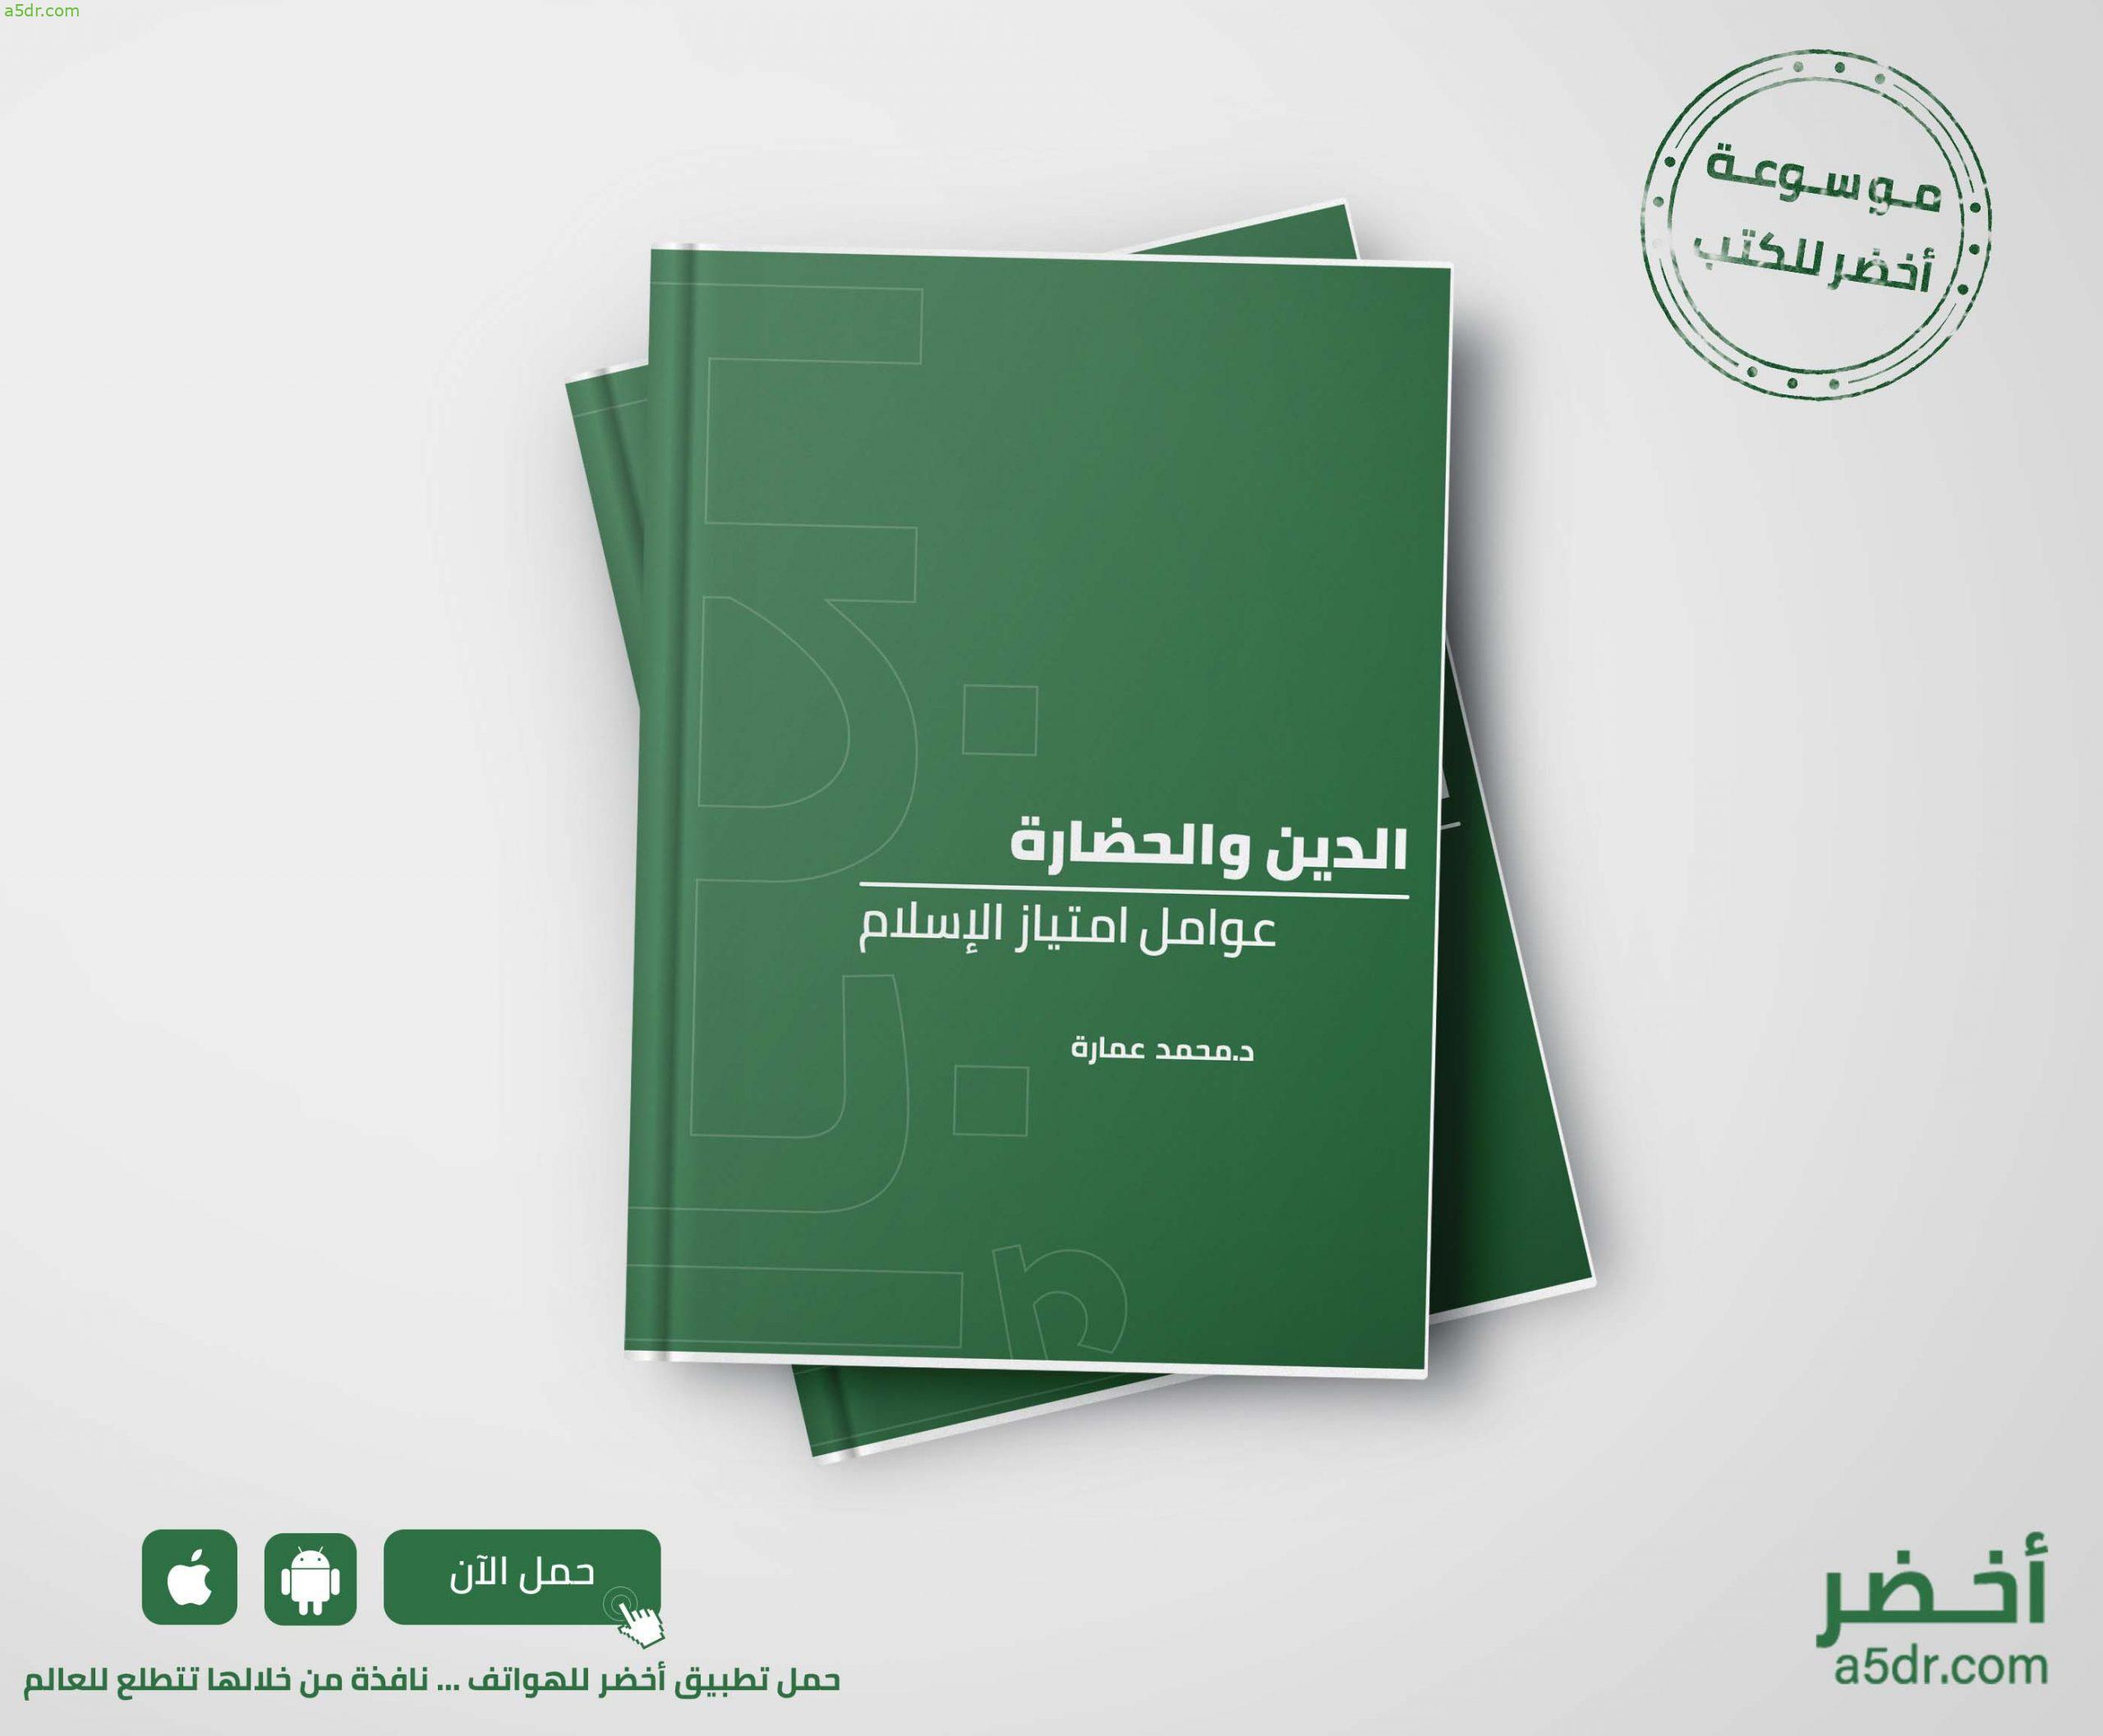 كتاب الدين والحضارة: عوامل امتياز الإسلام - محمد عمارة